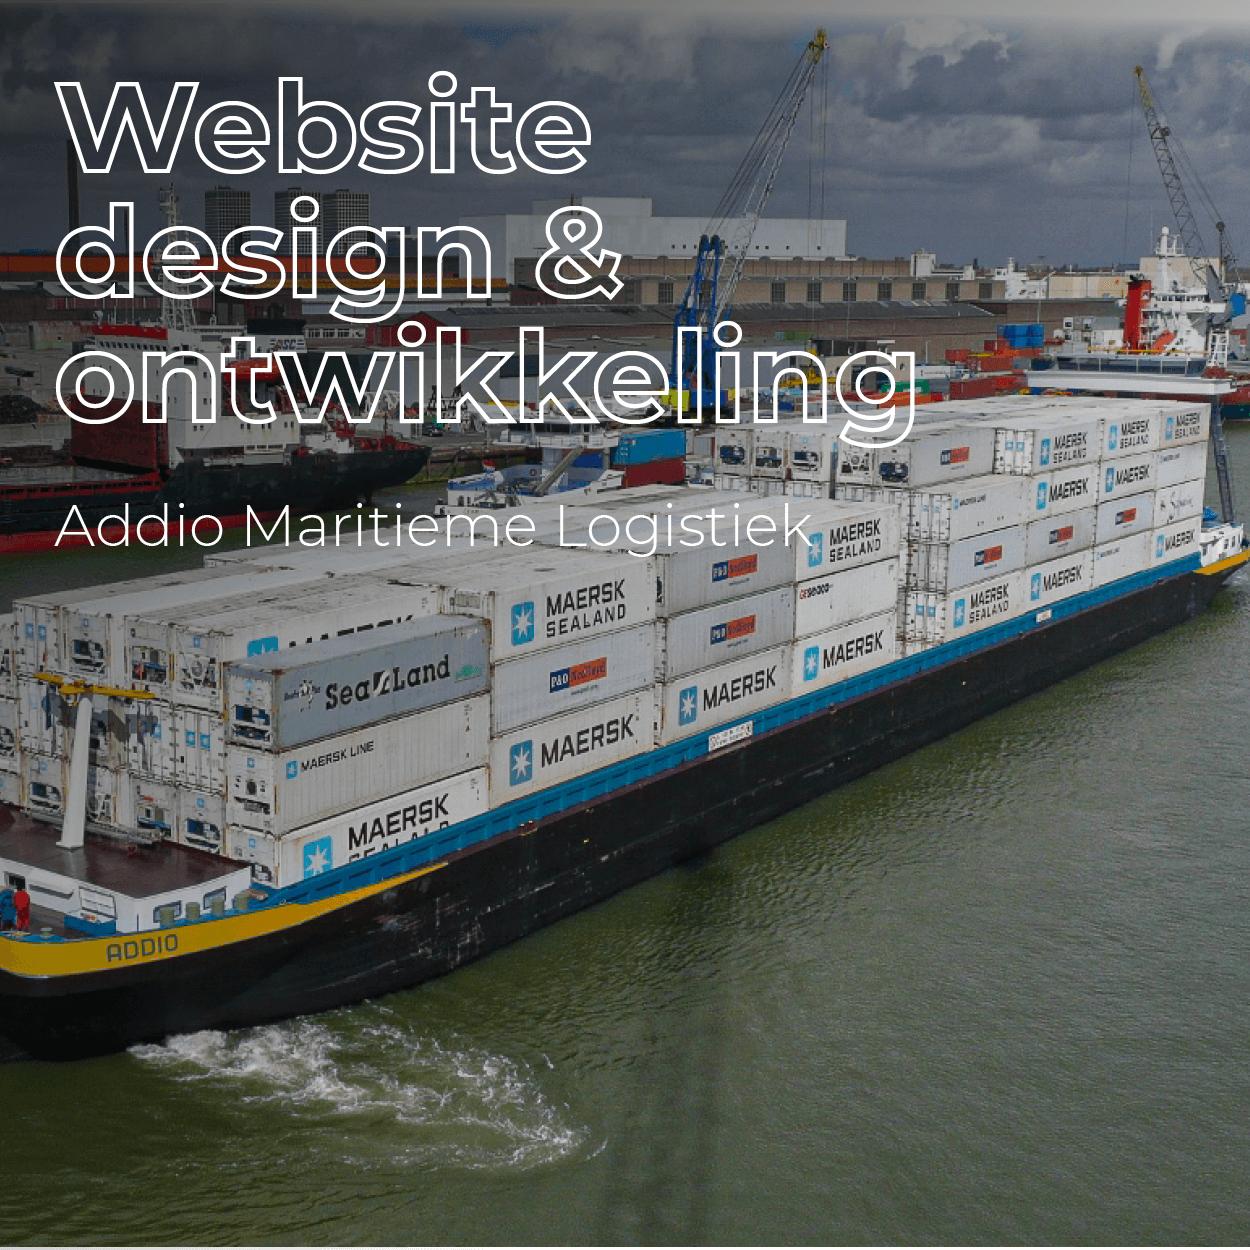 Addio maritieme logistiek nieuwe website